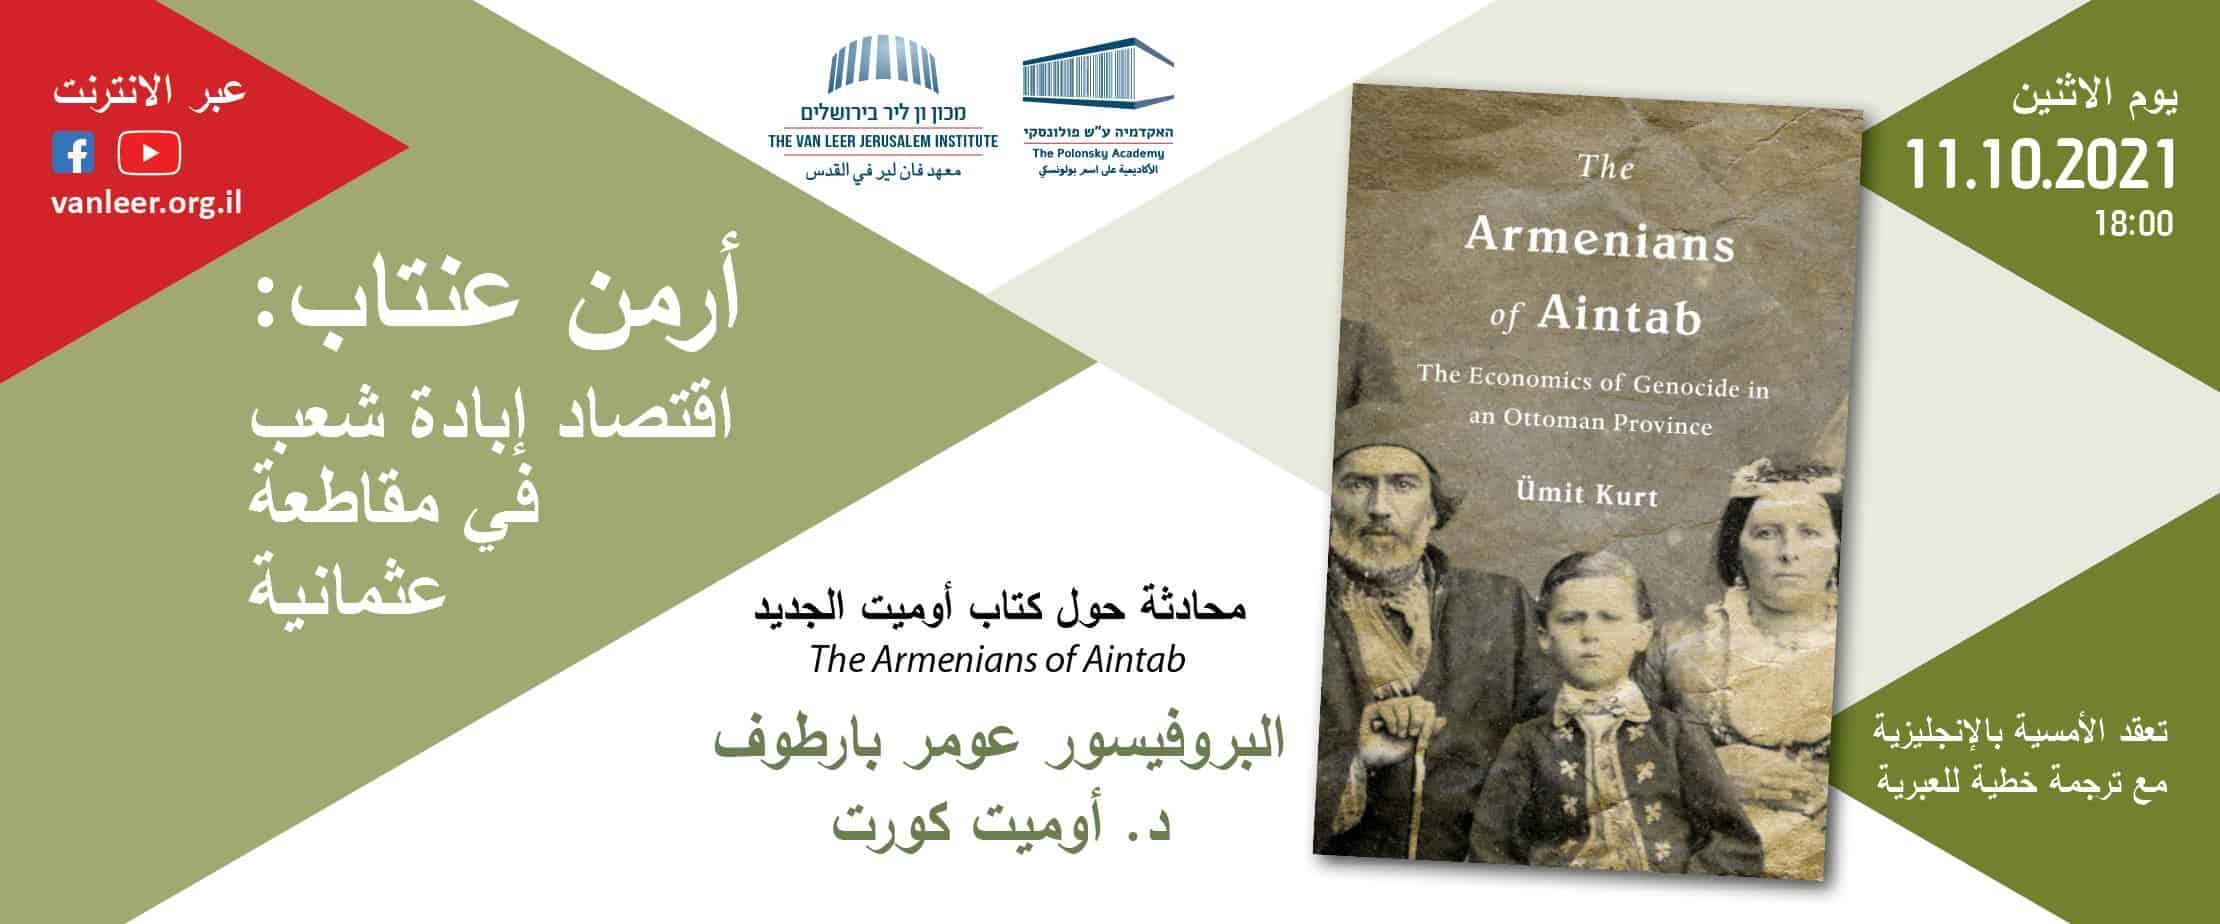 أرمن عنتاب: اقتصاد إبادة شعب في مقاطعة عثمانية